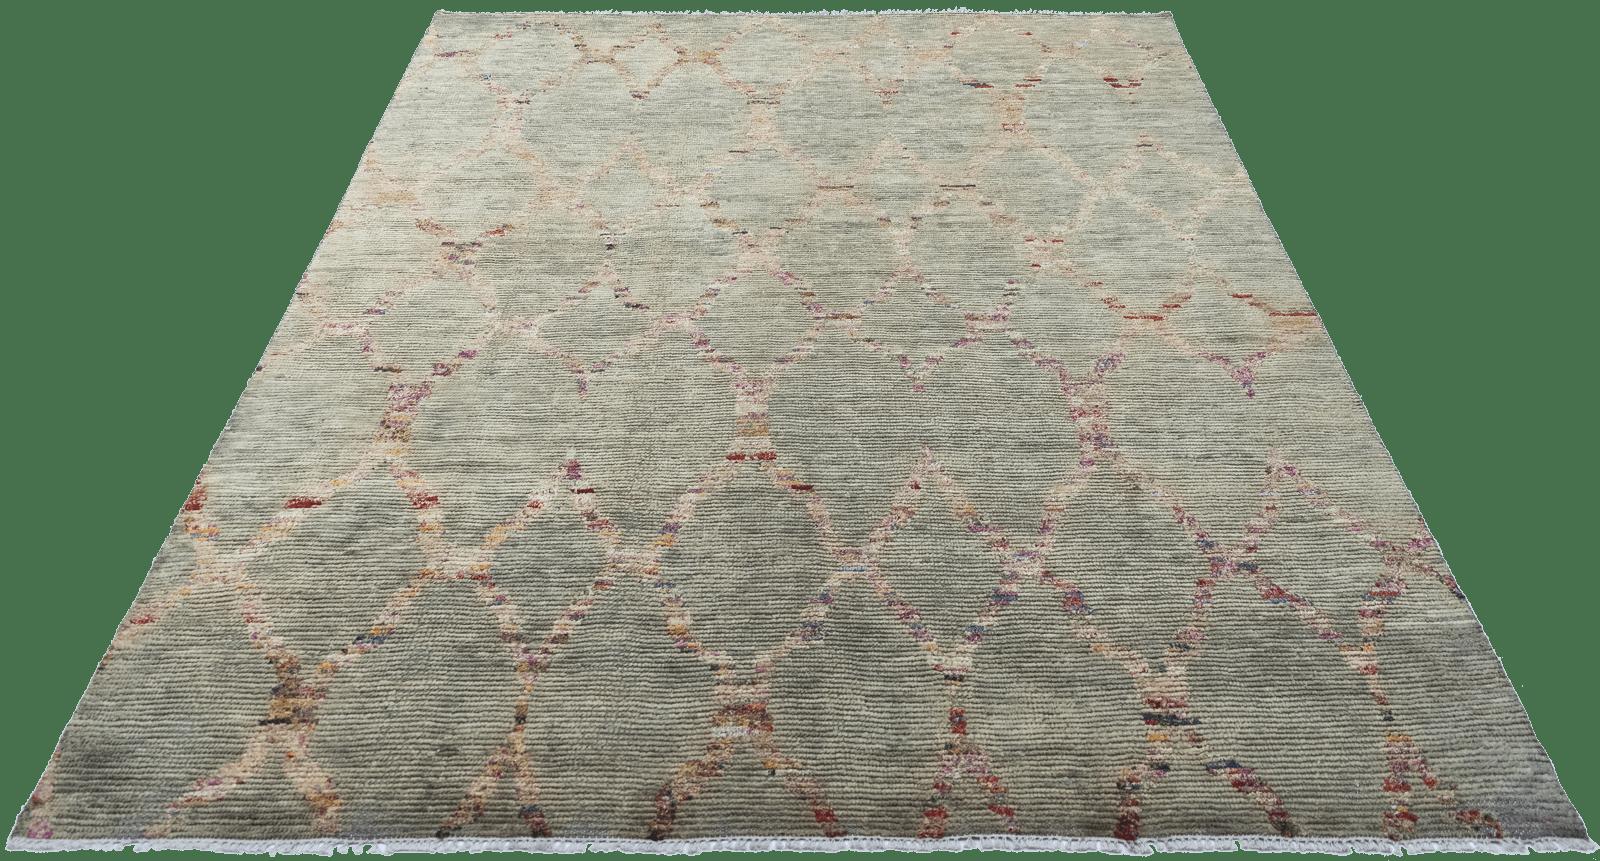 sari-silk-classic-grey-design-tapijt-moderne-tapijten-handgeknoopte-design-exclusieve-luxe-vloerkleden-koreman-maastricht